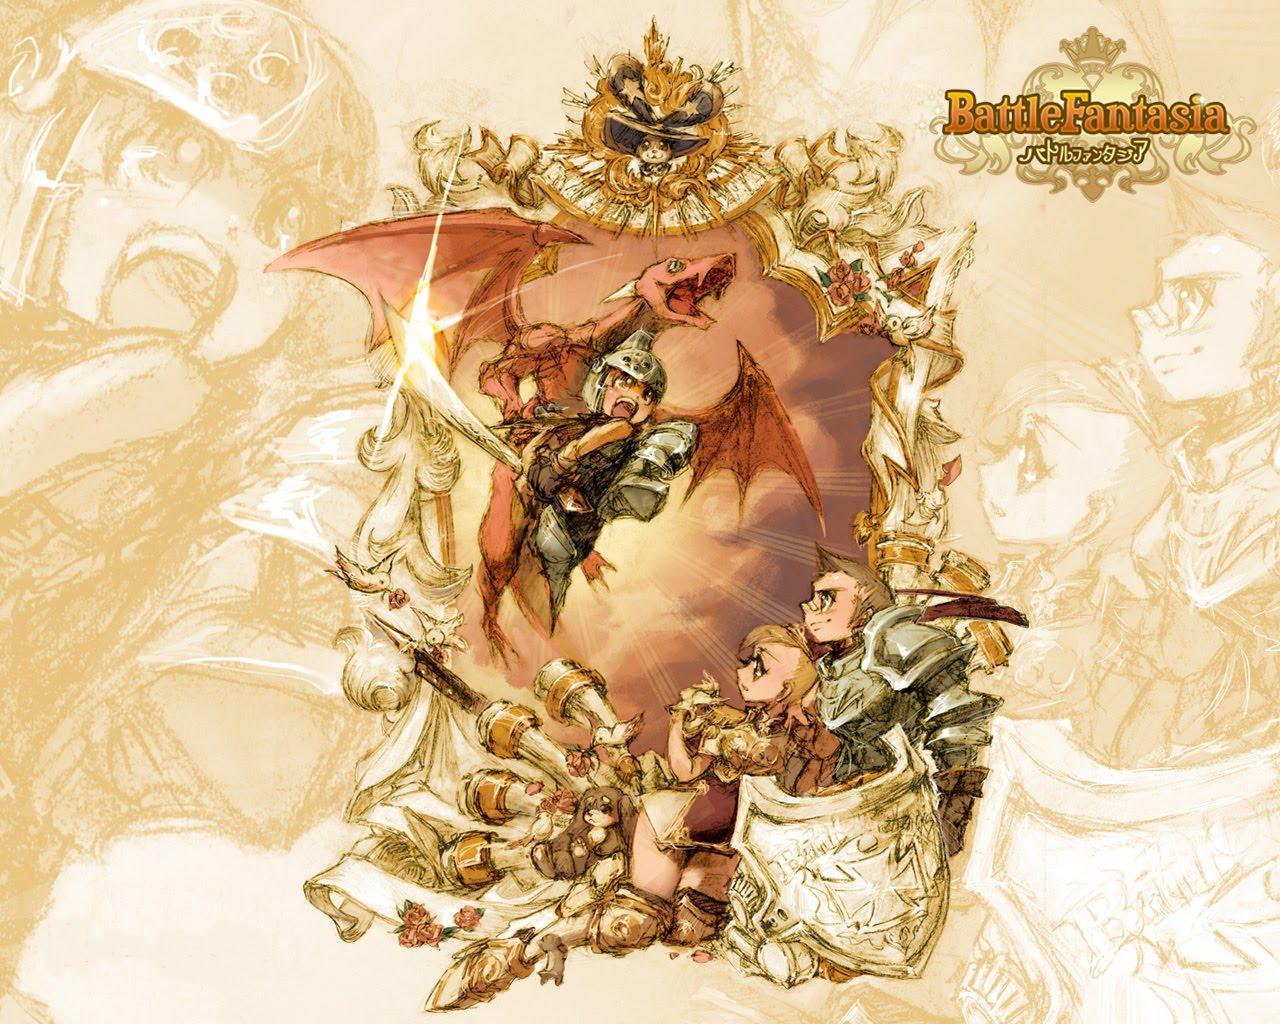 http://1.bp.blogspot.com/-Ftm2Er08H3o/TpzennY0D5I/AAAAAAAAAXg/salqETn-TxI/s1600/fantasia-wallpaper-4-754689.jpg